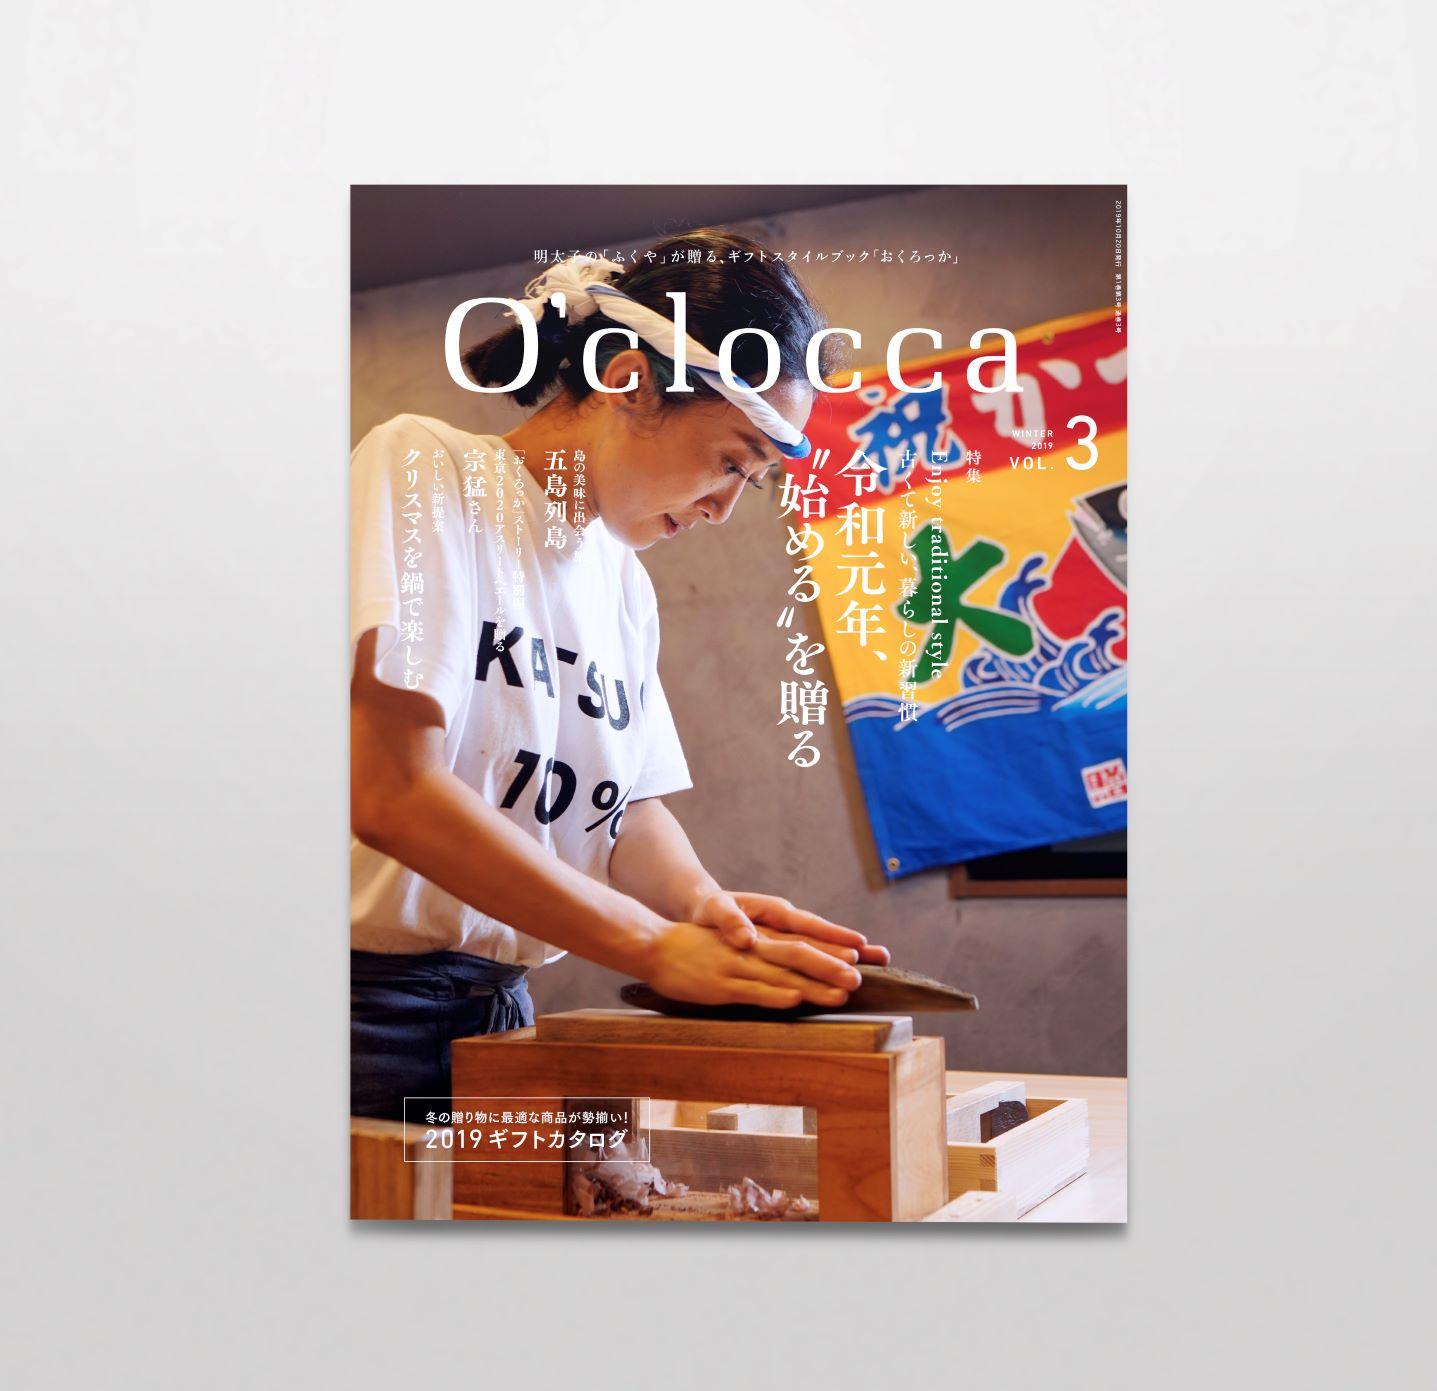 Oclocca_vol3_h1 2MP